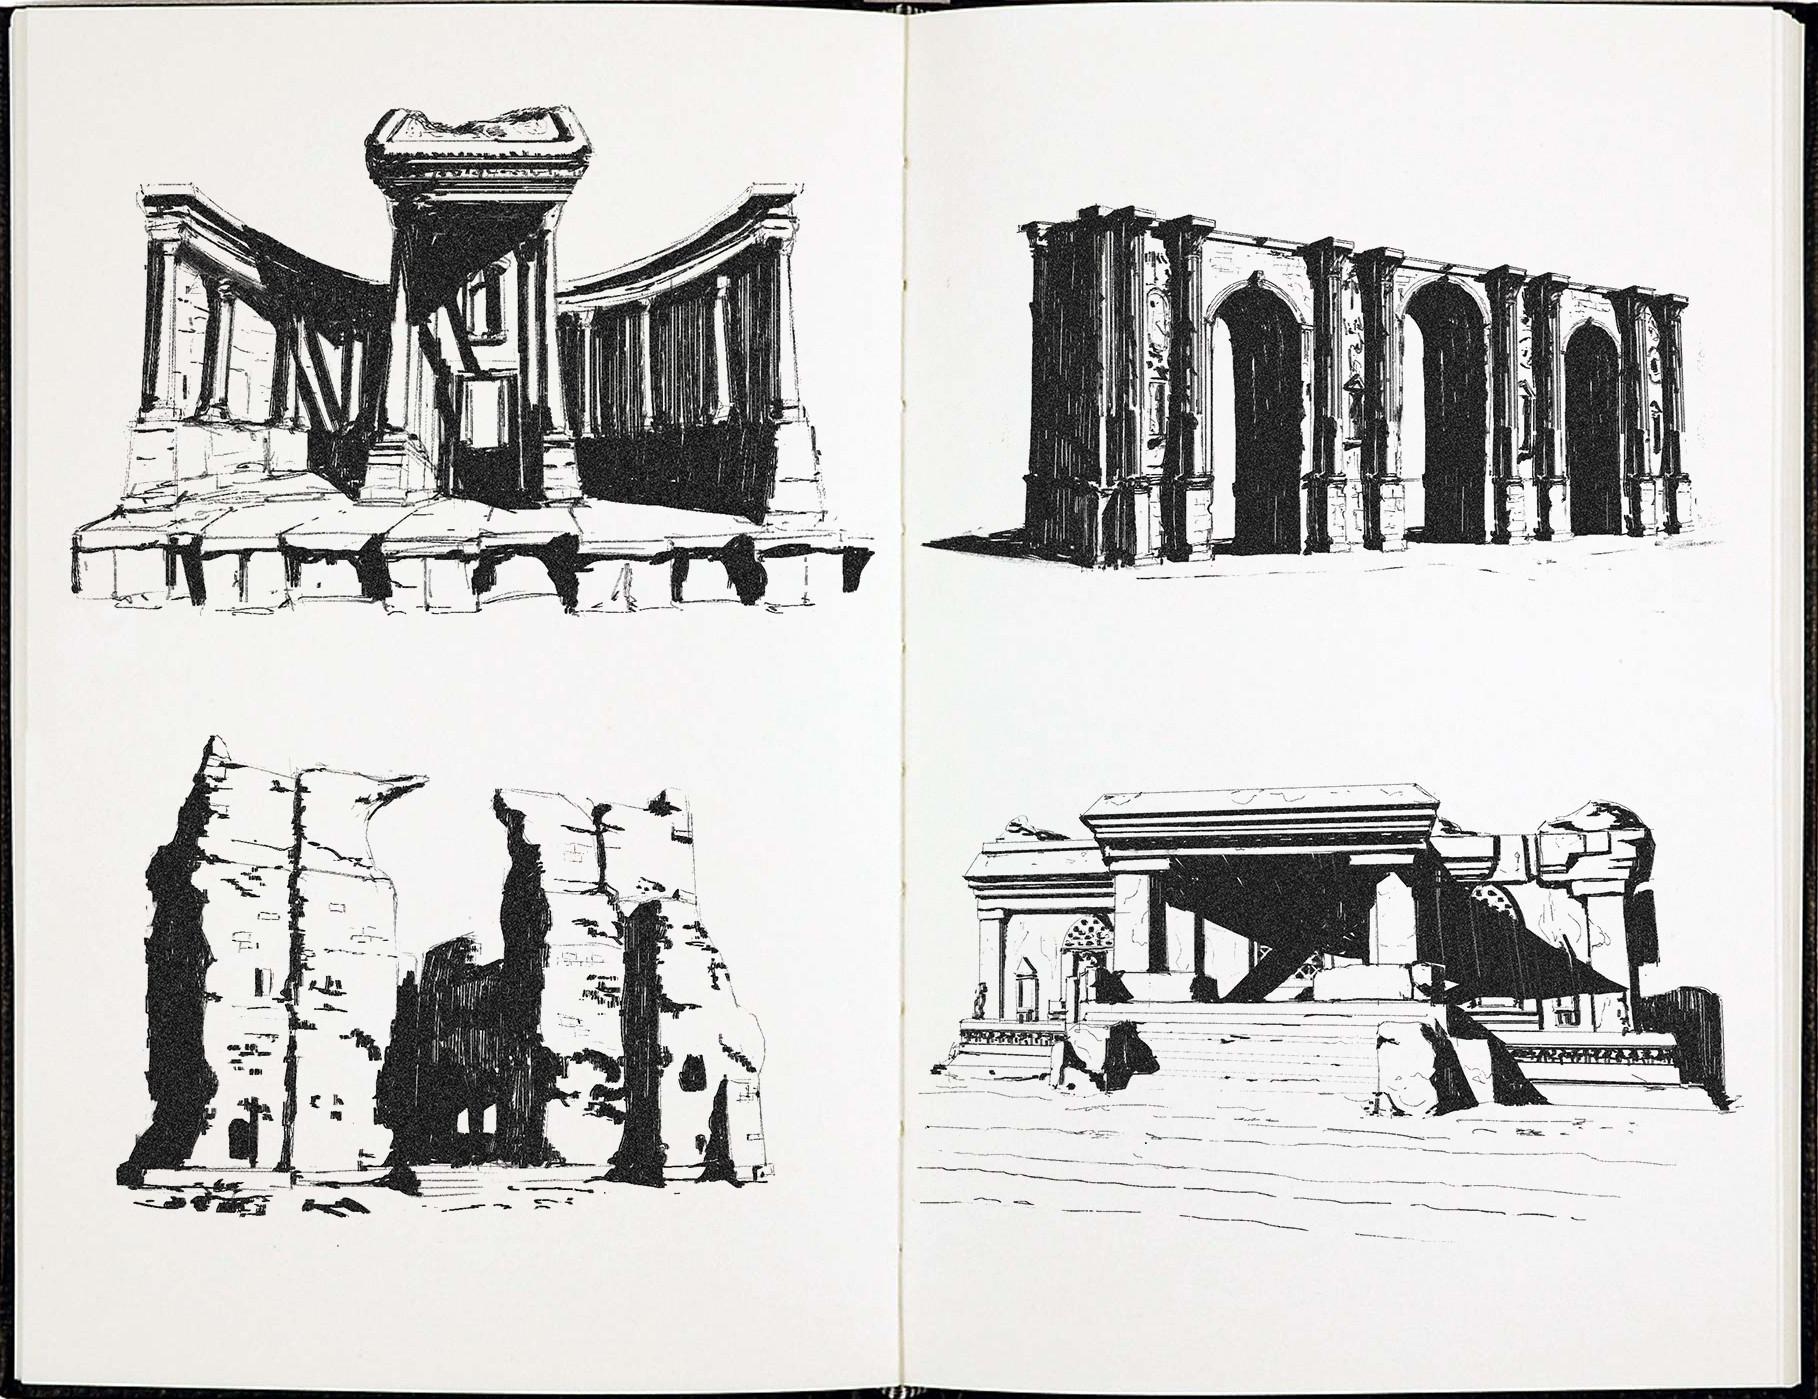 Sergio seabra 20180323 architecture sketches1